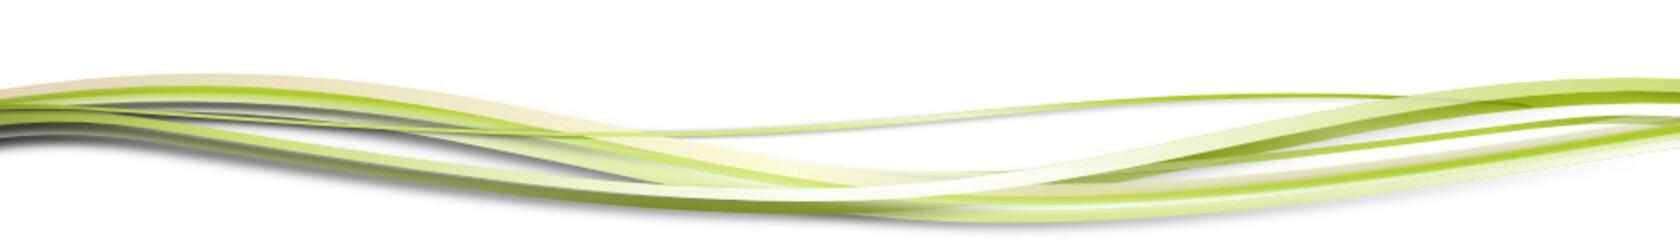 wellen grün band